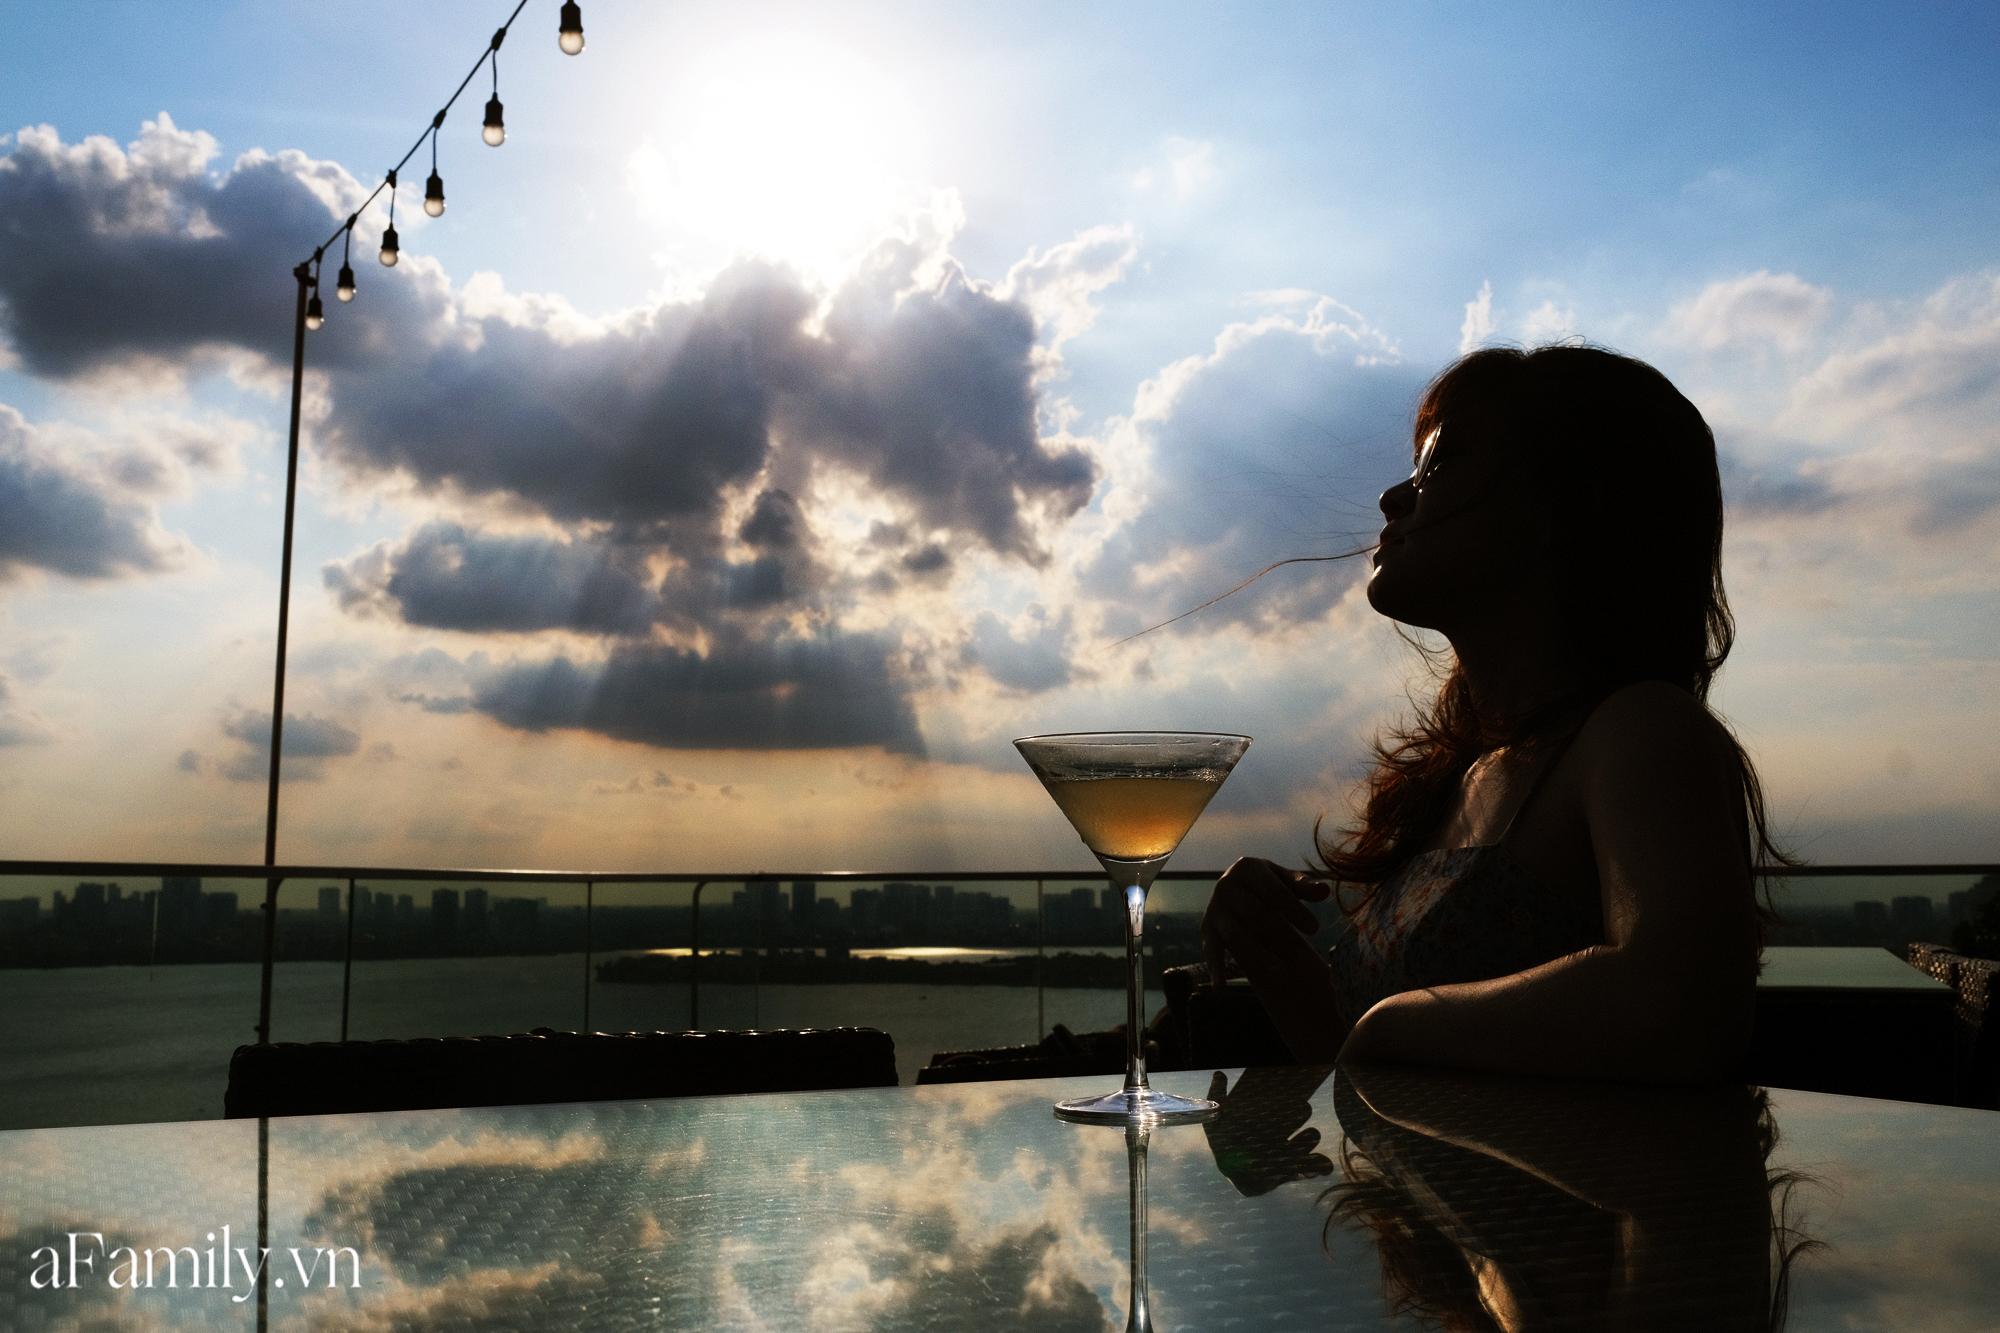 4 quán pub view hồ Tây cực đỉnh dành cho những cô nàng đam mê văn hóa Apéro - hết giờ làm là đến luôn giờ chill! - Ảnh 1.